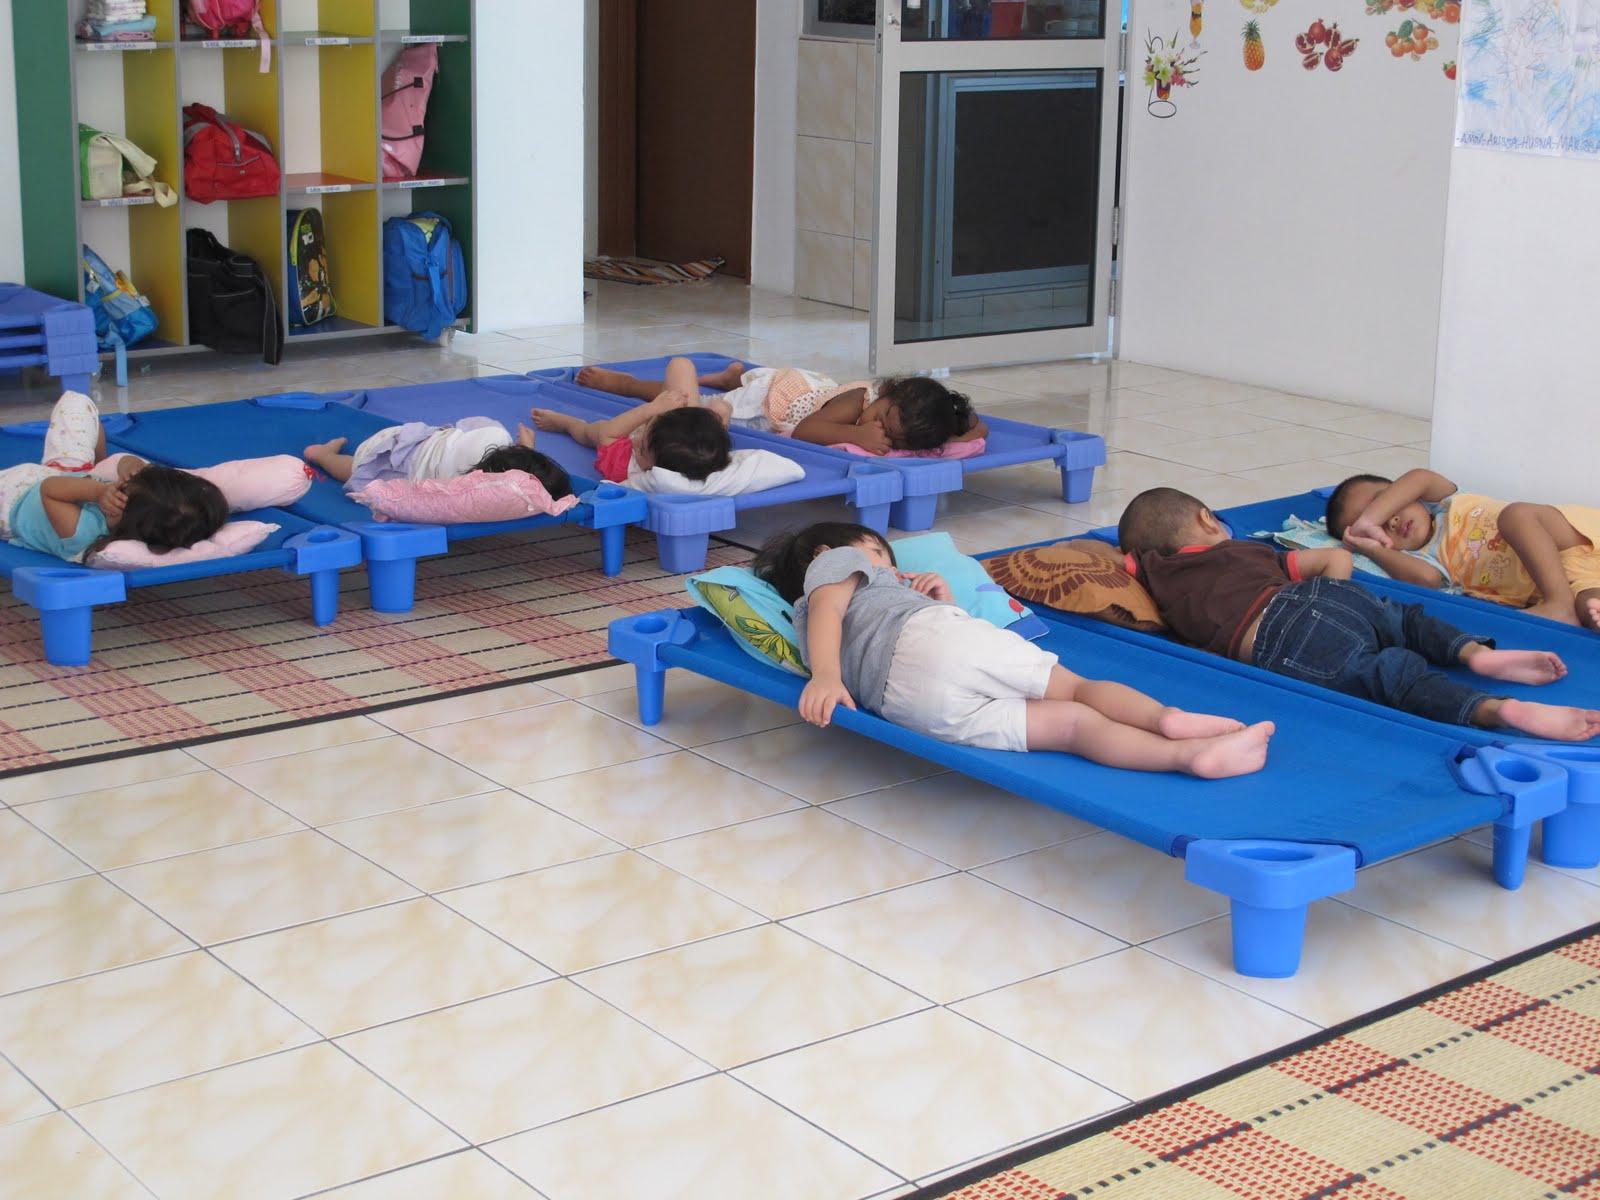 Masa Untuk Rehat Dan Tidur Anak Di Taska Ummi Ini Semuanya Akan Selepas Makan Mandi Berasa Selesa